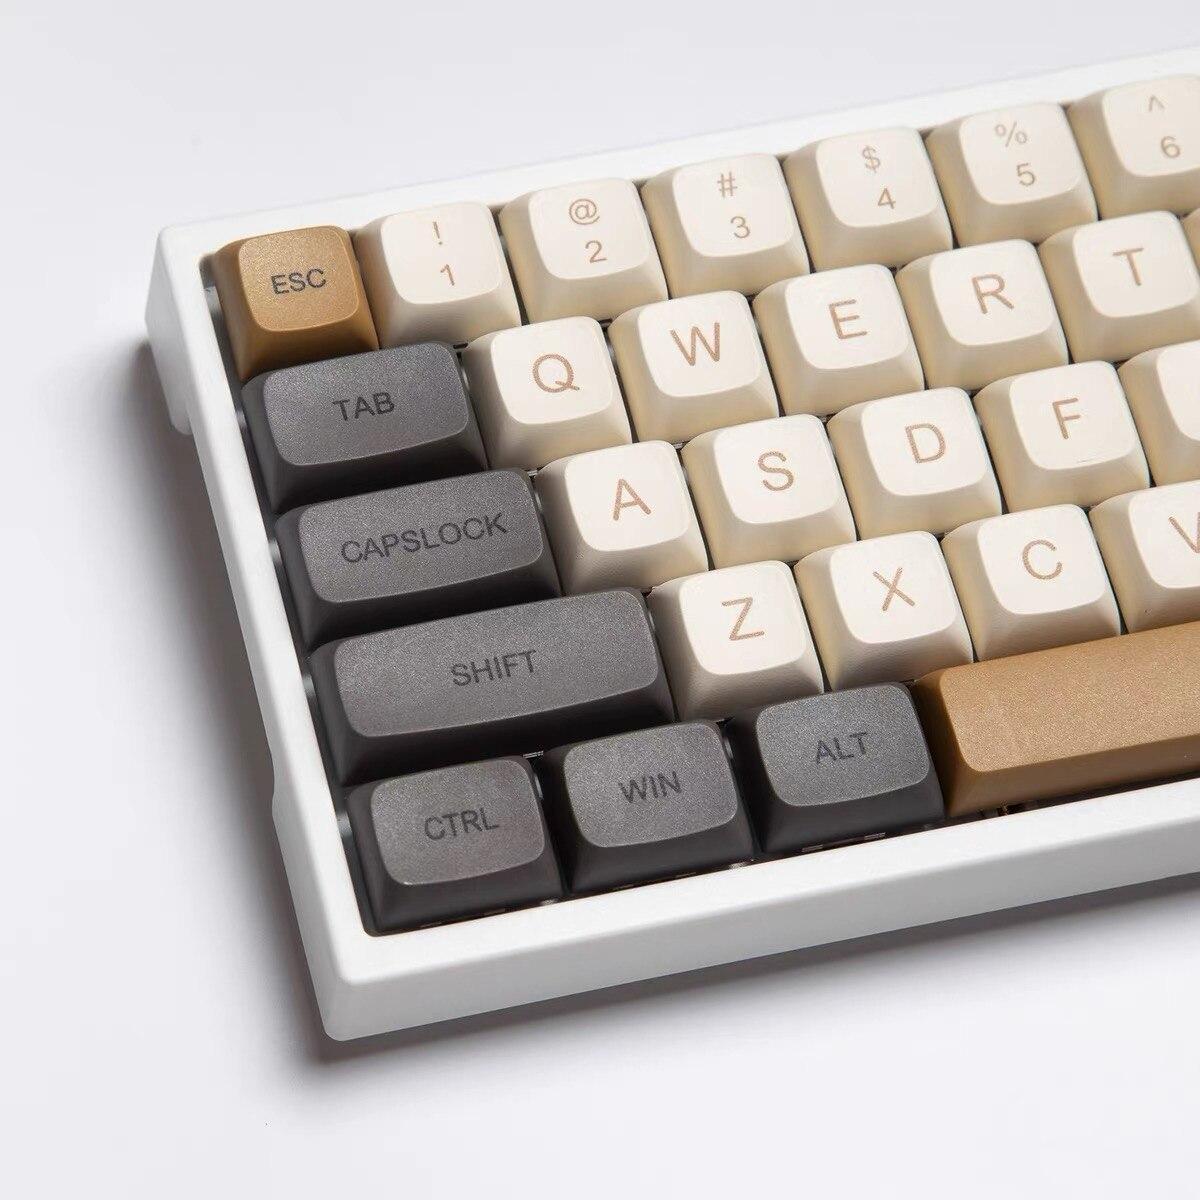 125 مفاتيح/مجموعة ضوء الموضوع PBT صبغ سوبيد مفتاح قبعات ل MX التبديل الميكانيكية لوحة المفاتيح XDA الشخصي Keycap ل 68 84 96 980 متر